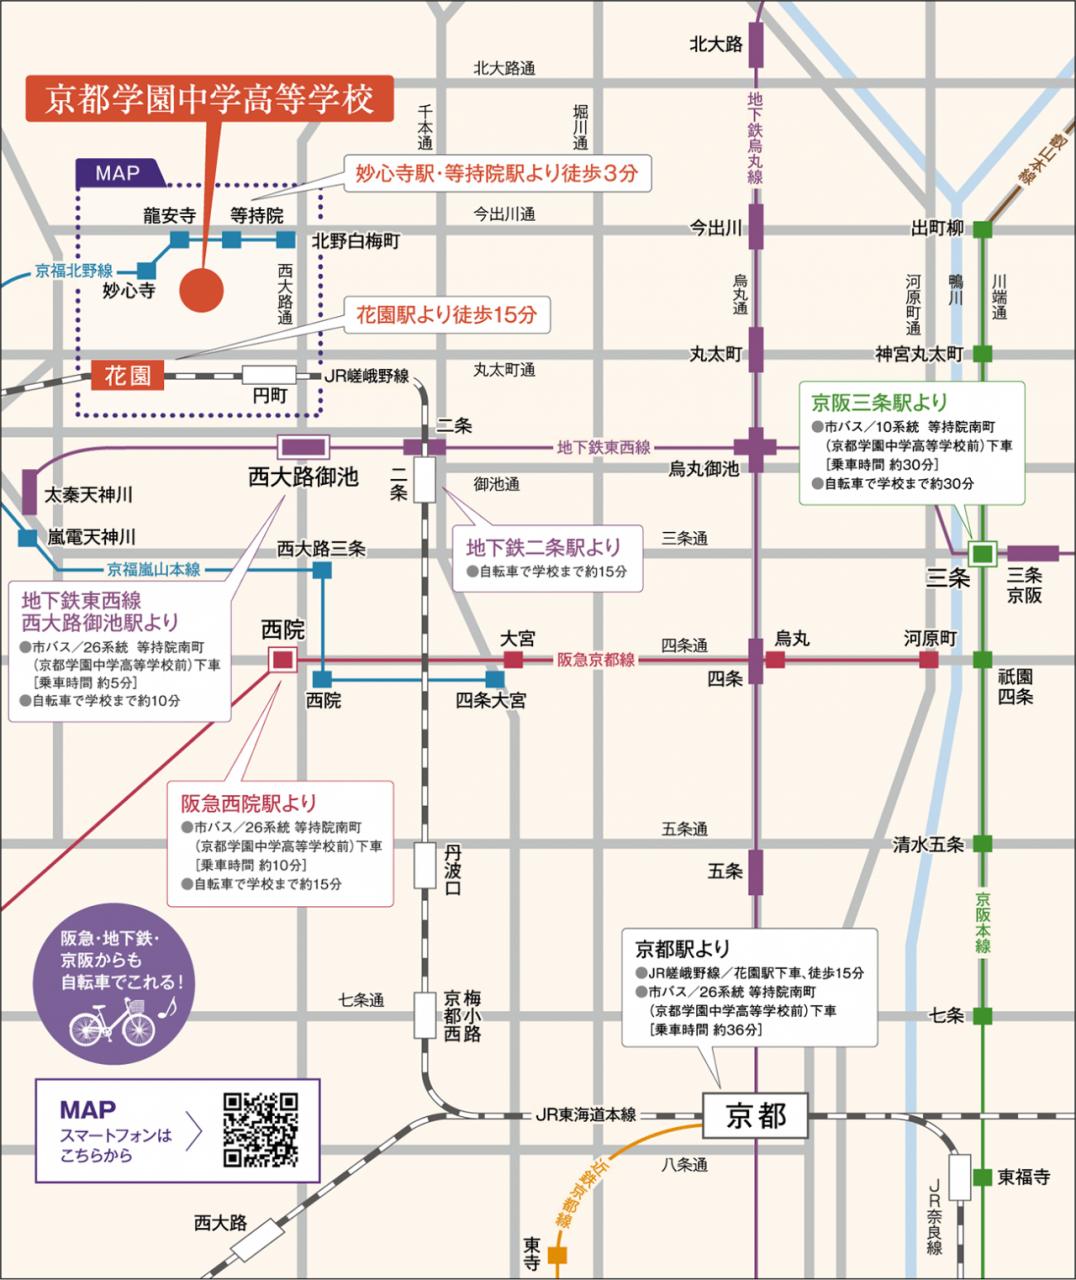 京都学園マップ